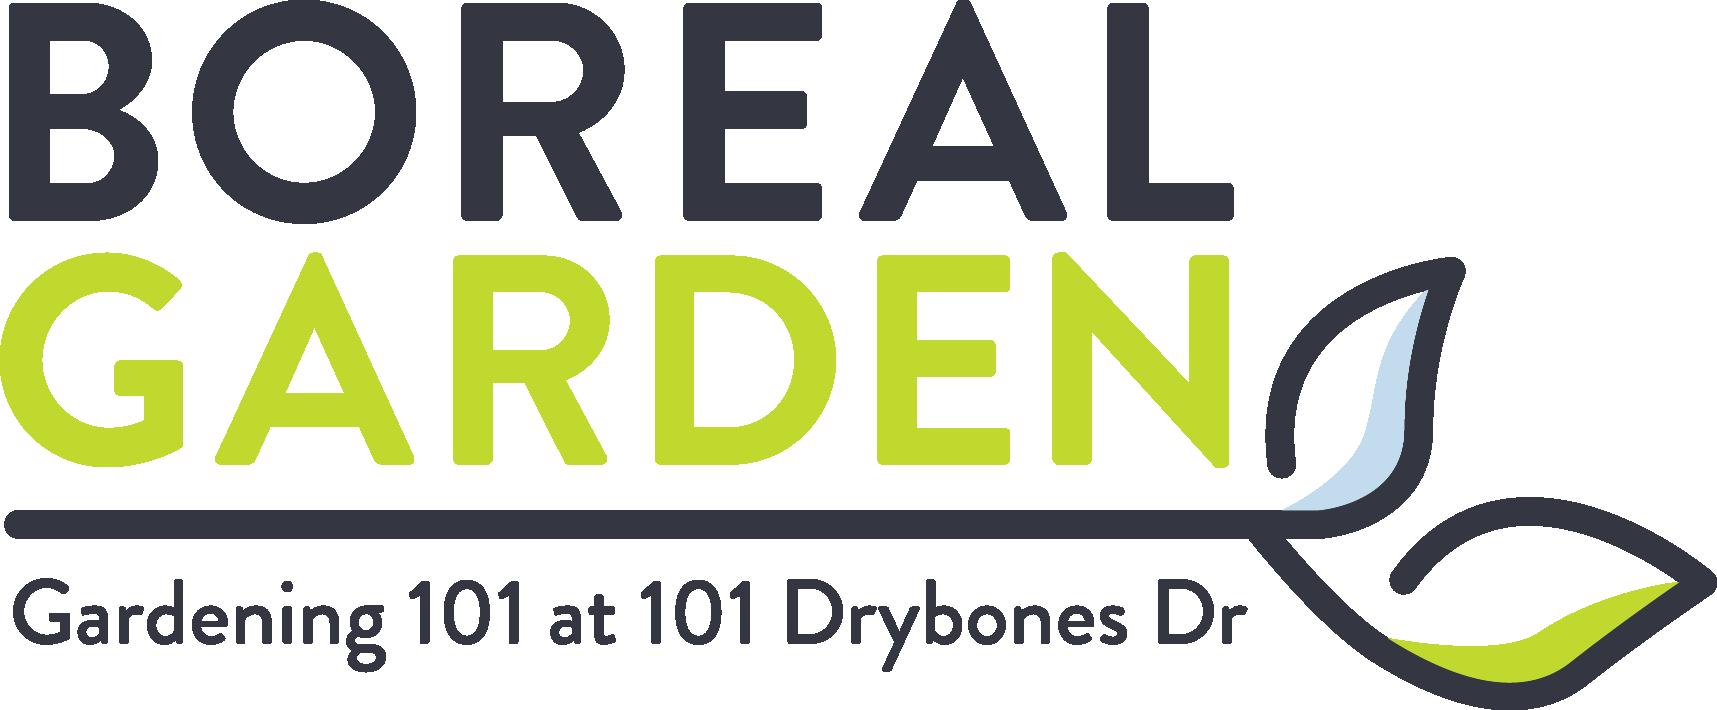 Boreal Garden Center